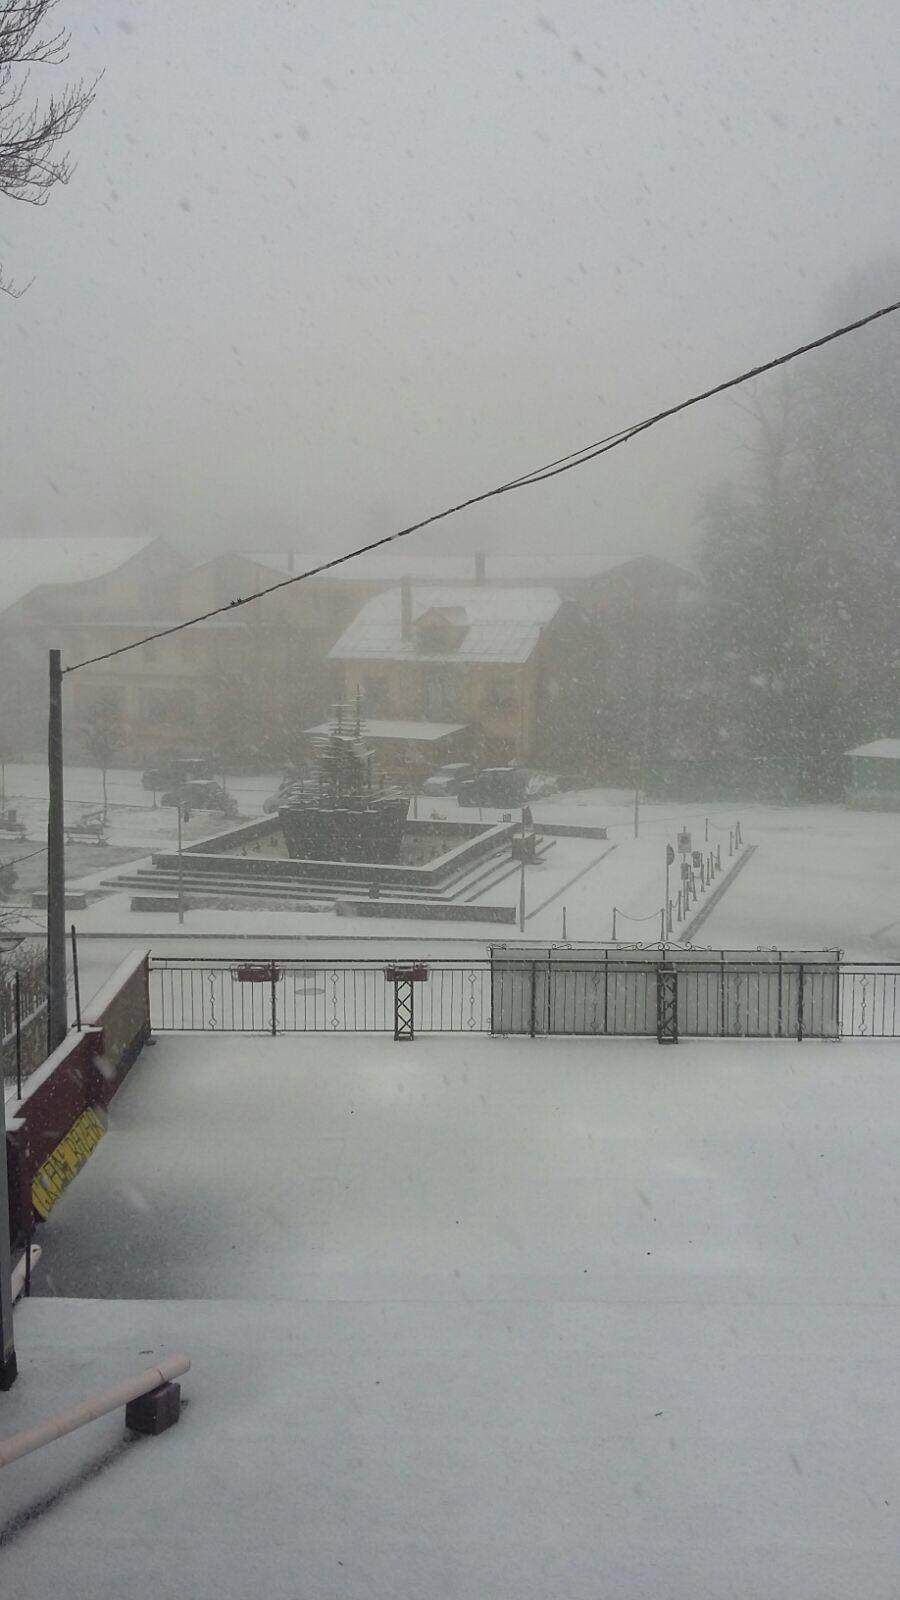 Aggiornamento delle 17: temporali, grandinate, neve oltre i 1000 m...